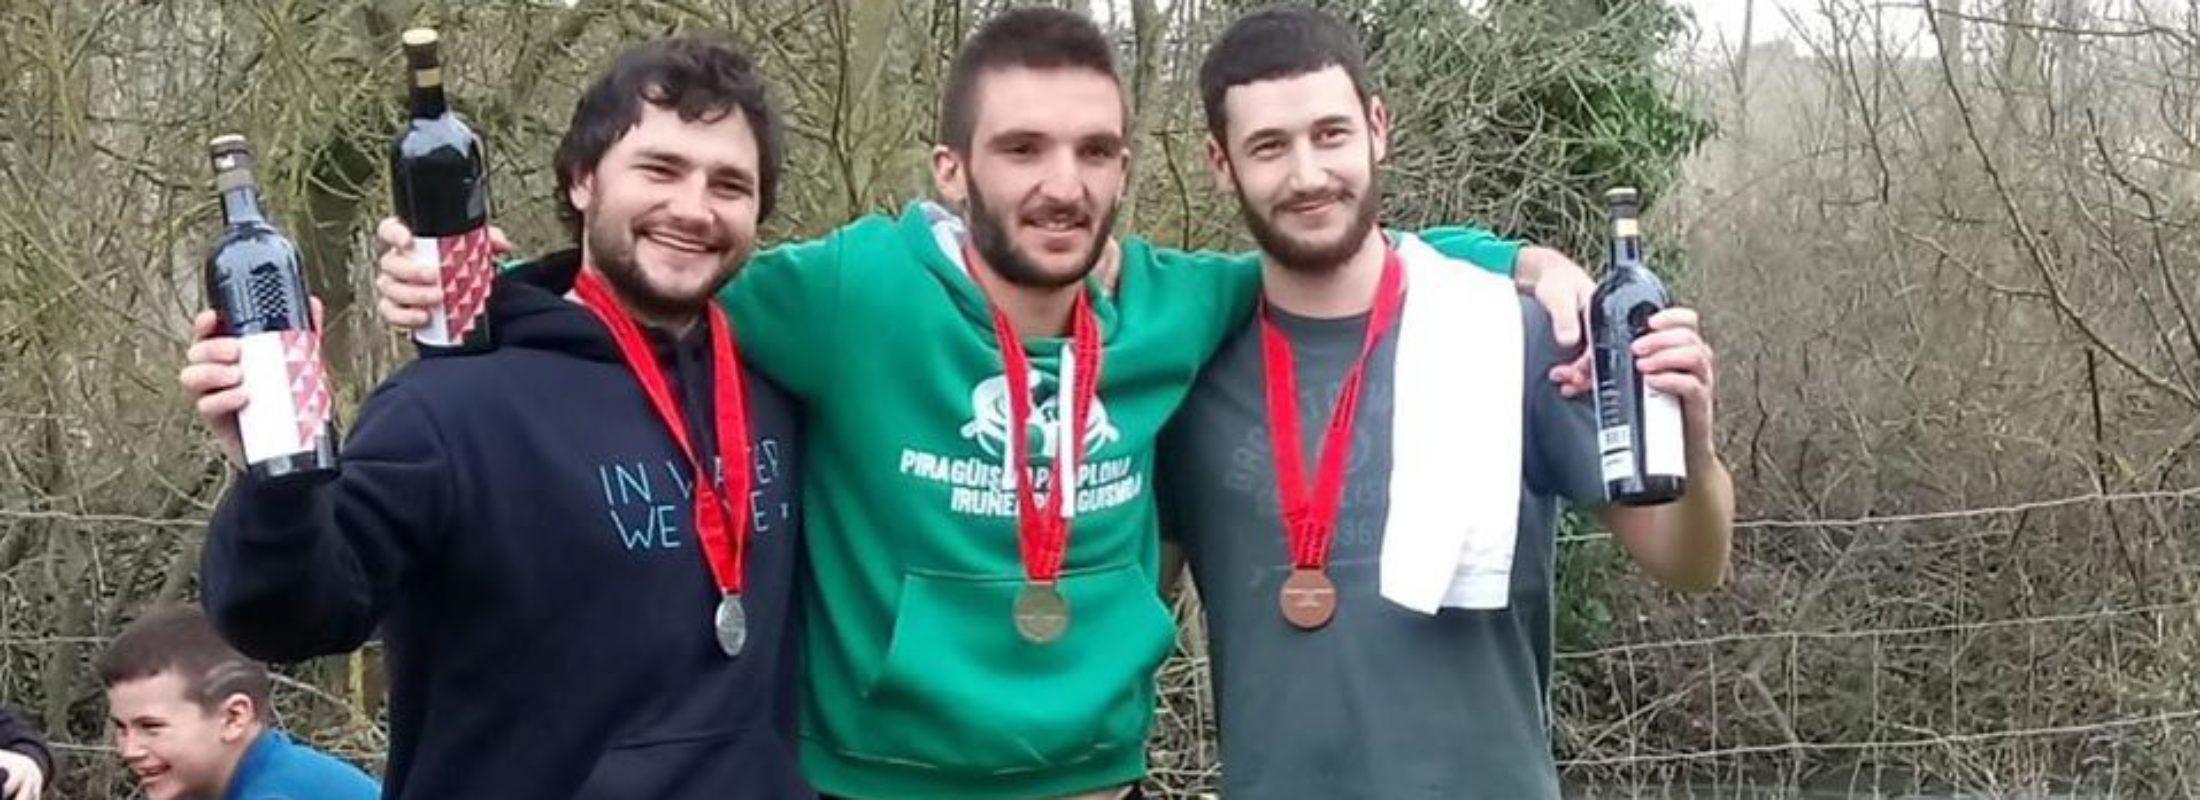 Ander de Miguel Aranaz campeón navarro de Aguas Bravas